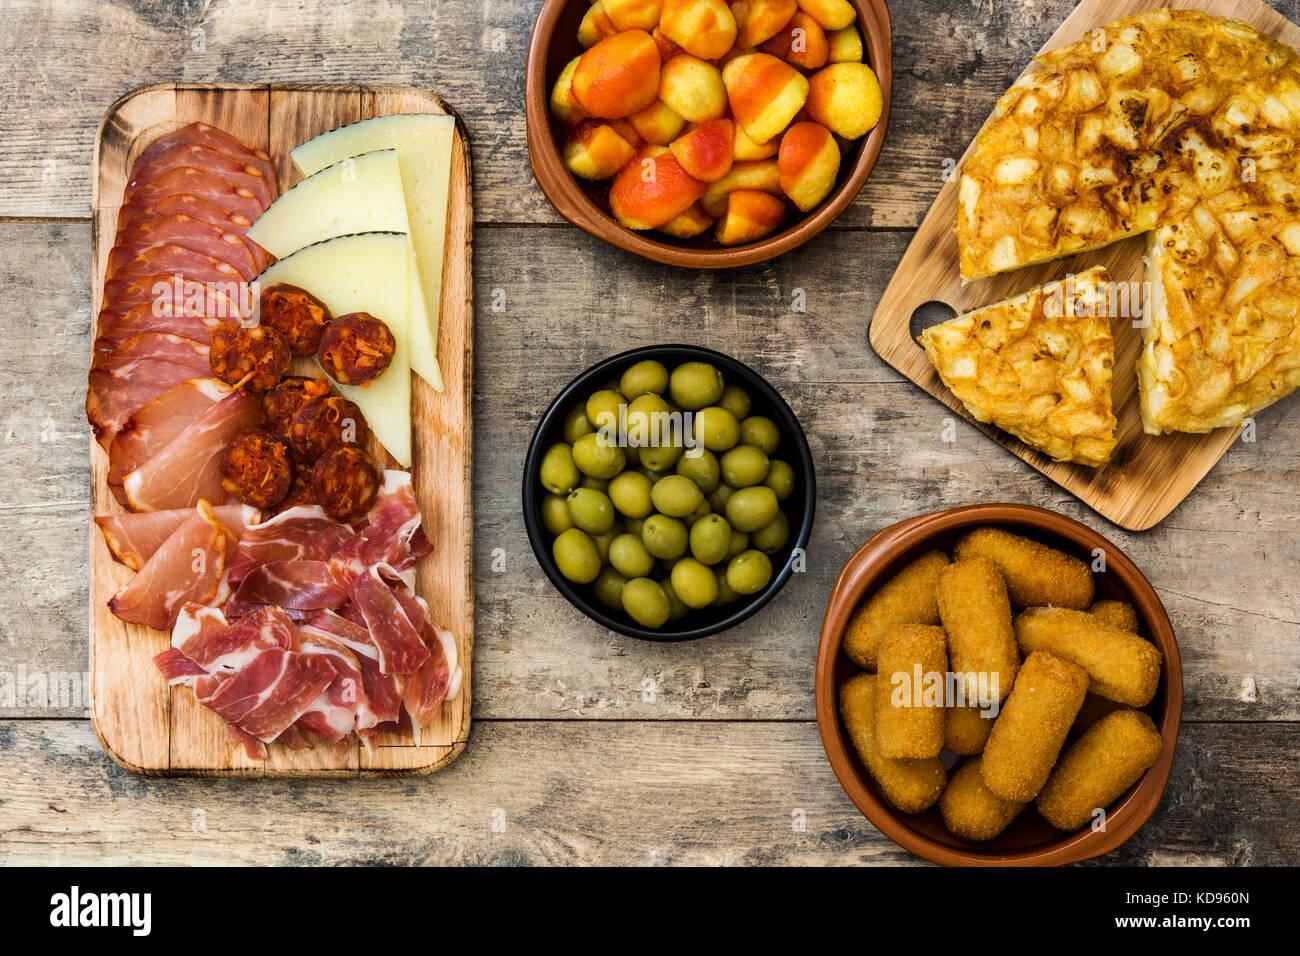 Traditionelle spanische Tapas. Kroketten, Oliven, Omelettes, Schinken und Patatas Bravas auf hölzernen Tisch Stockbild